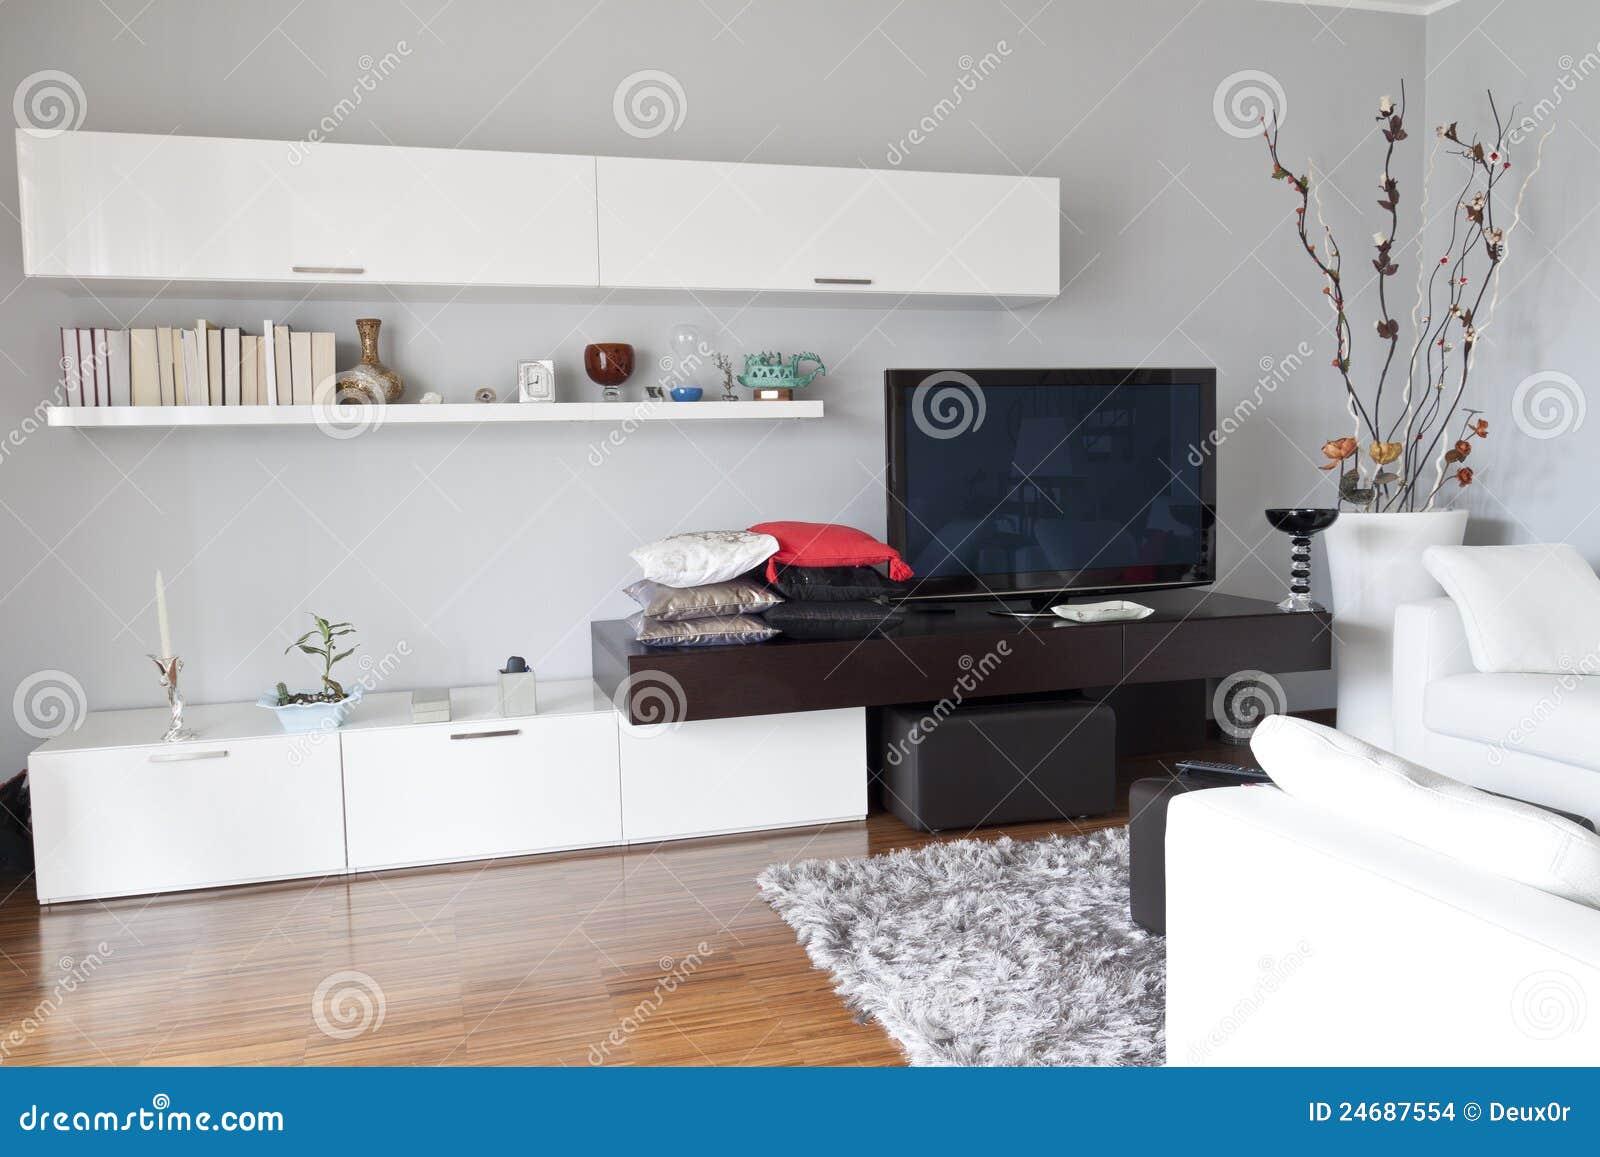 Binnenland van een woonkamer vlak tv wit meubilair stock afbeeldingen afbeelding 24687554 - Meubilair tv industrie ...